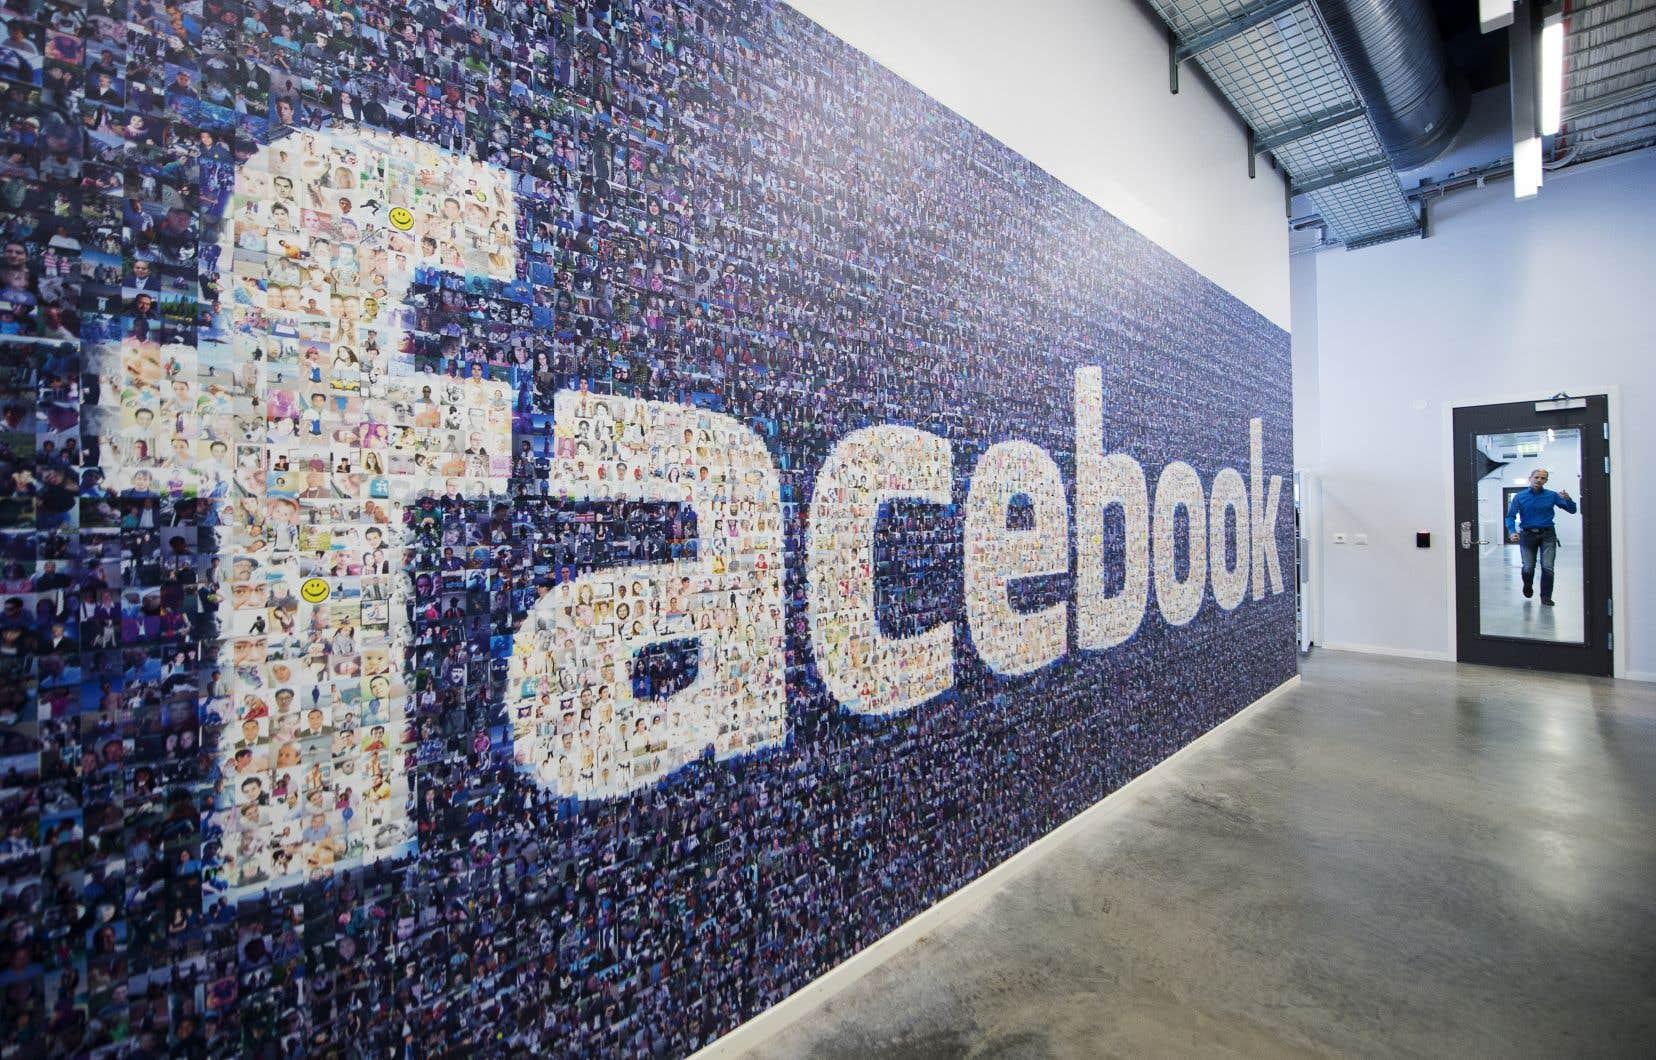 Selon la BBC, des compagnies comme Airbnb, Netflix, Lyft et Badoo auraient profité des faveurs de Facebook.